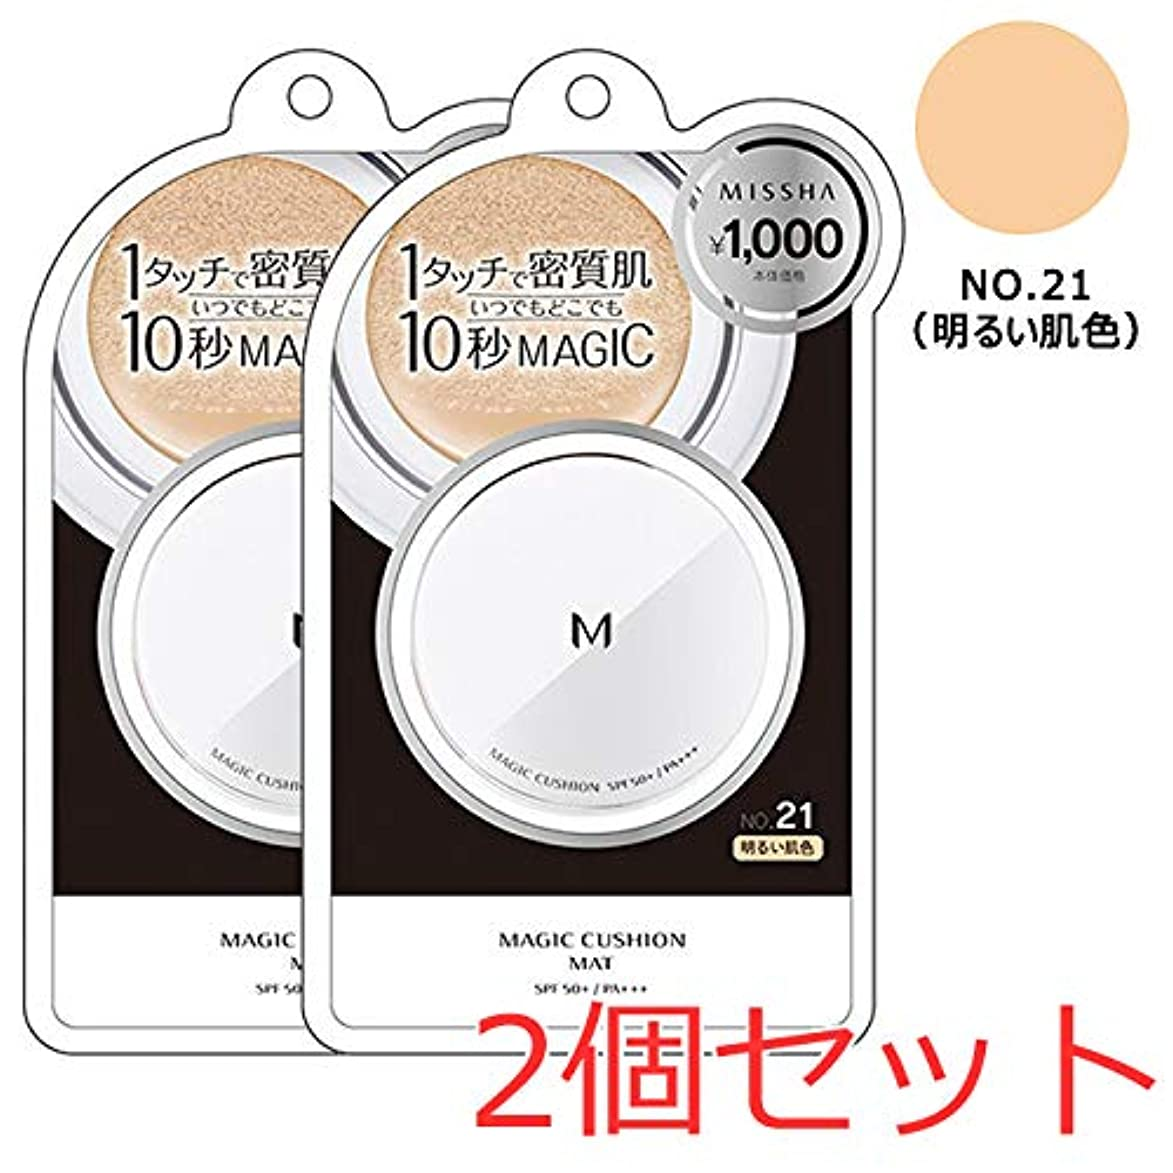 童謡省任命ミシャ M クッション ファンデーション (マット) No.21 明るい肌色 2個セット